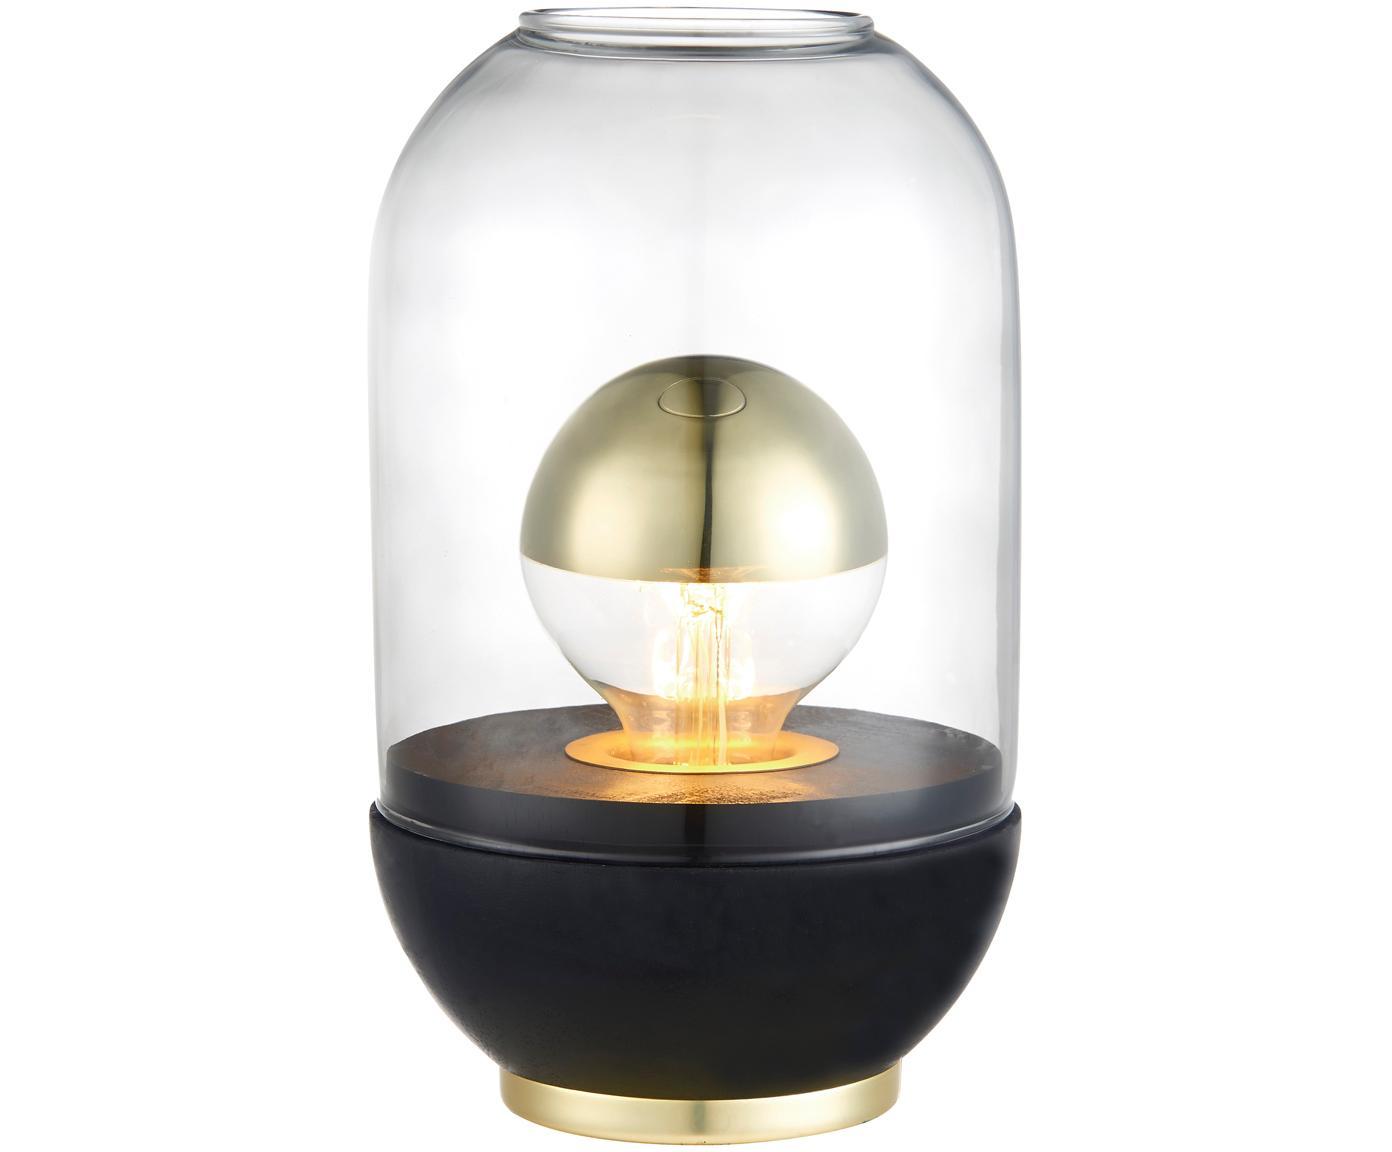 Kleine Tischlampe Pillola mit Holzfuß, Lampenschirm: Glas, Lampenfuß: Holz, lackiert, Sockel: Metall, Transparent, Schwarz, Ø 14 x H 24 cm